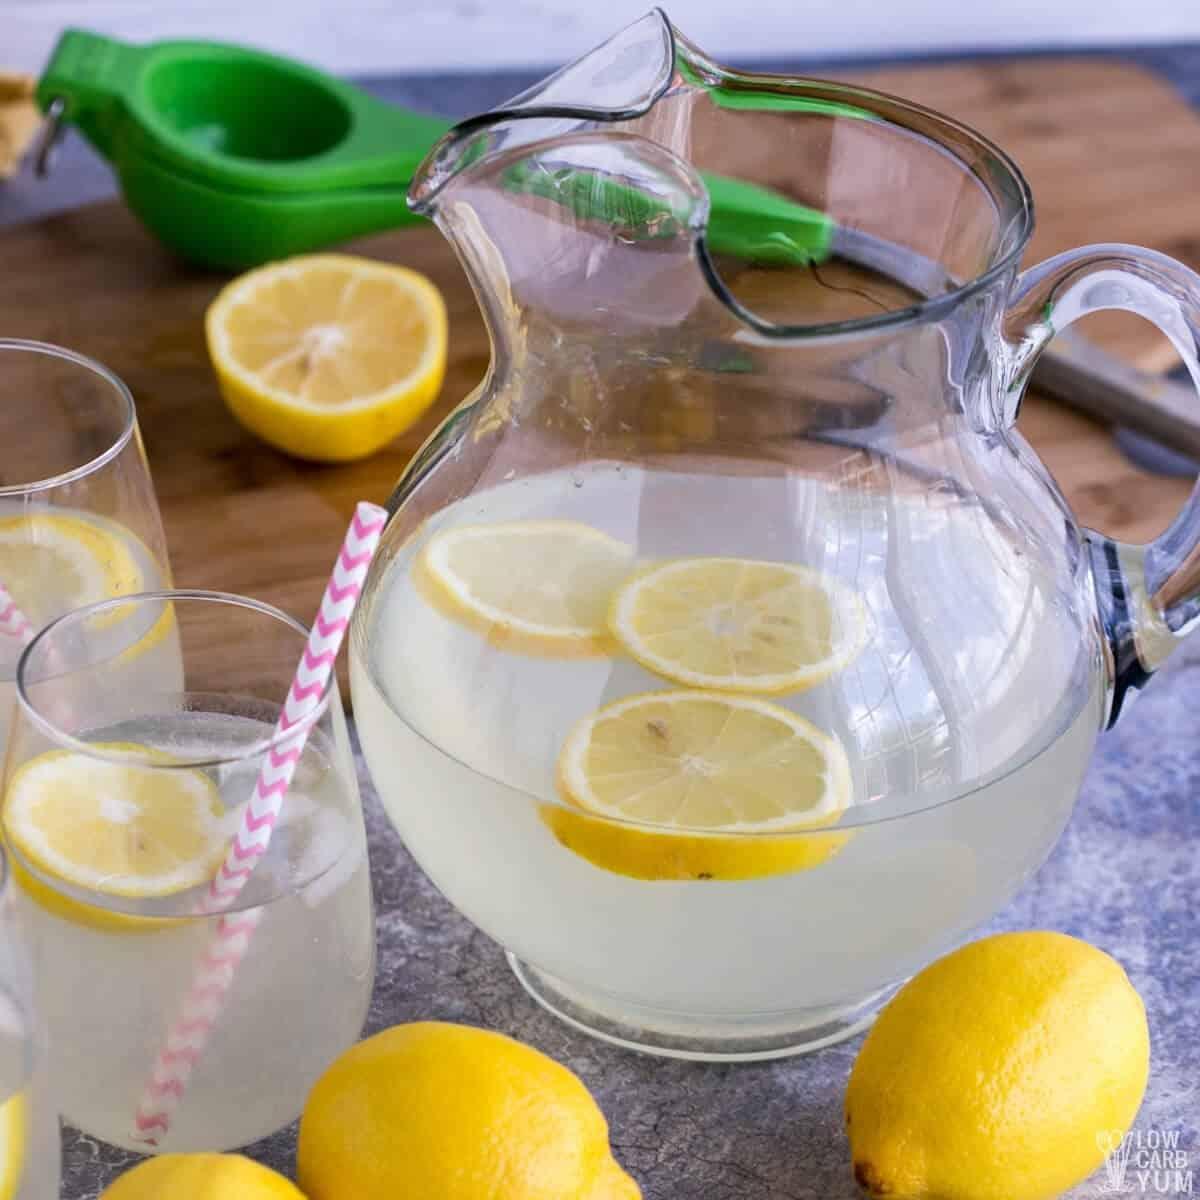 serving the lemonade in glasses